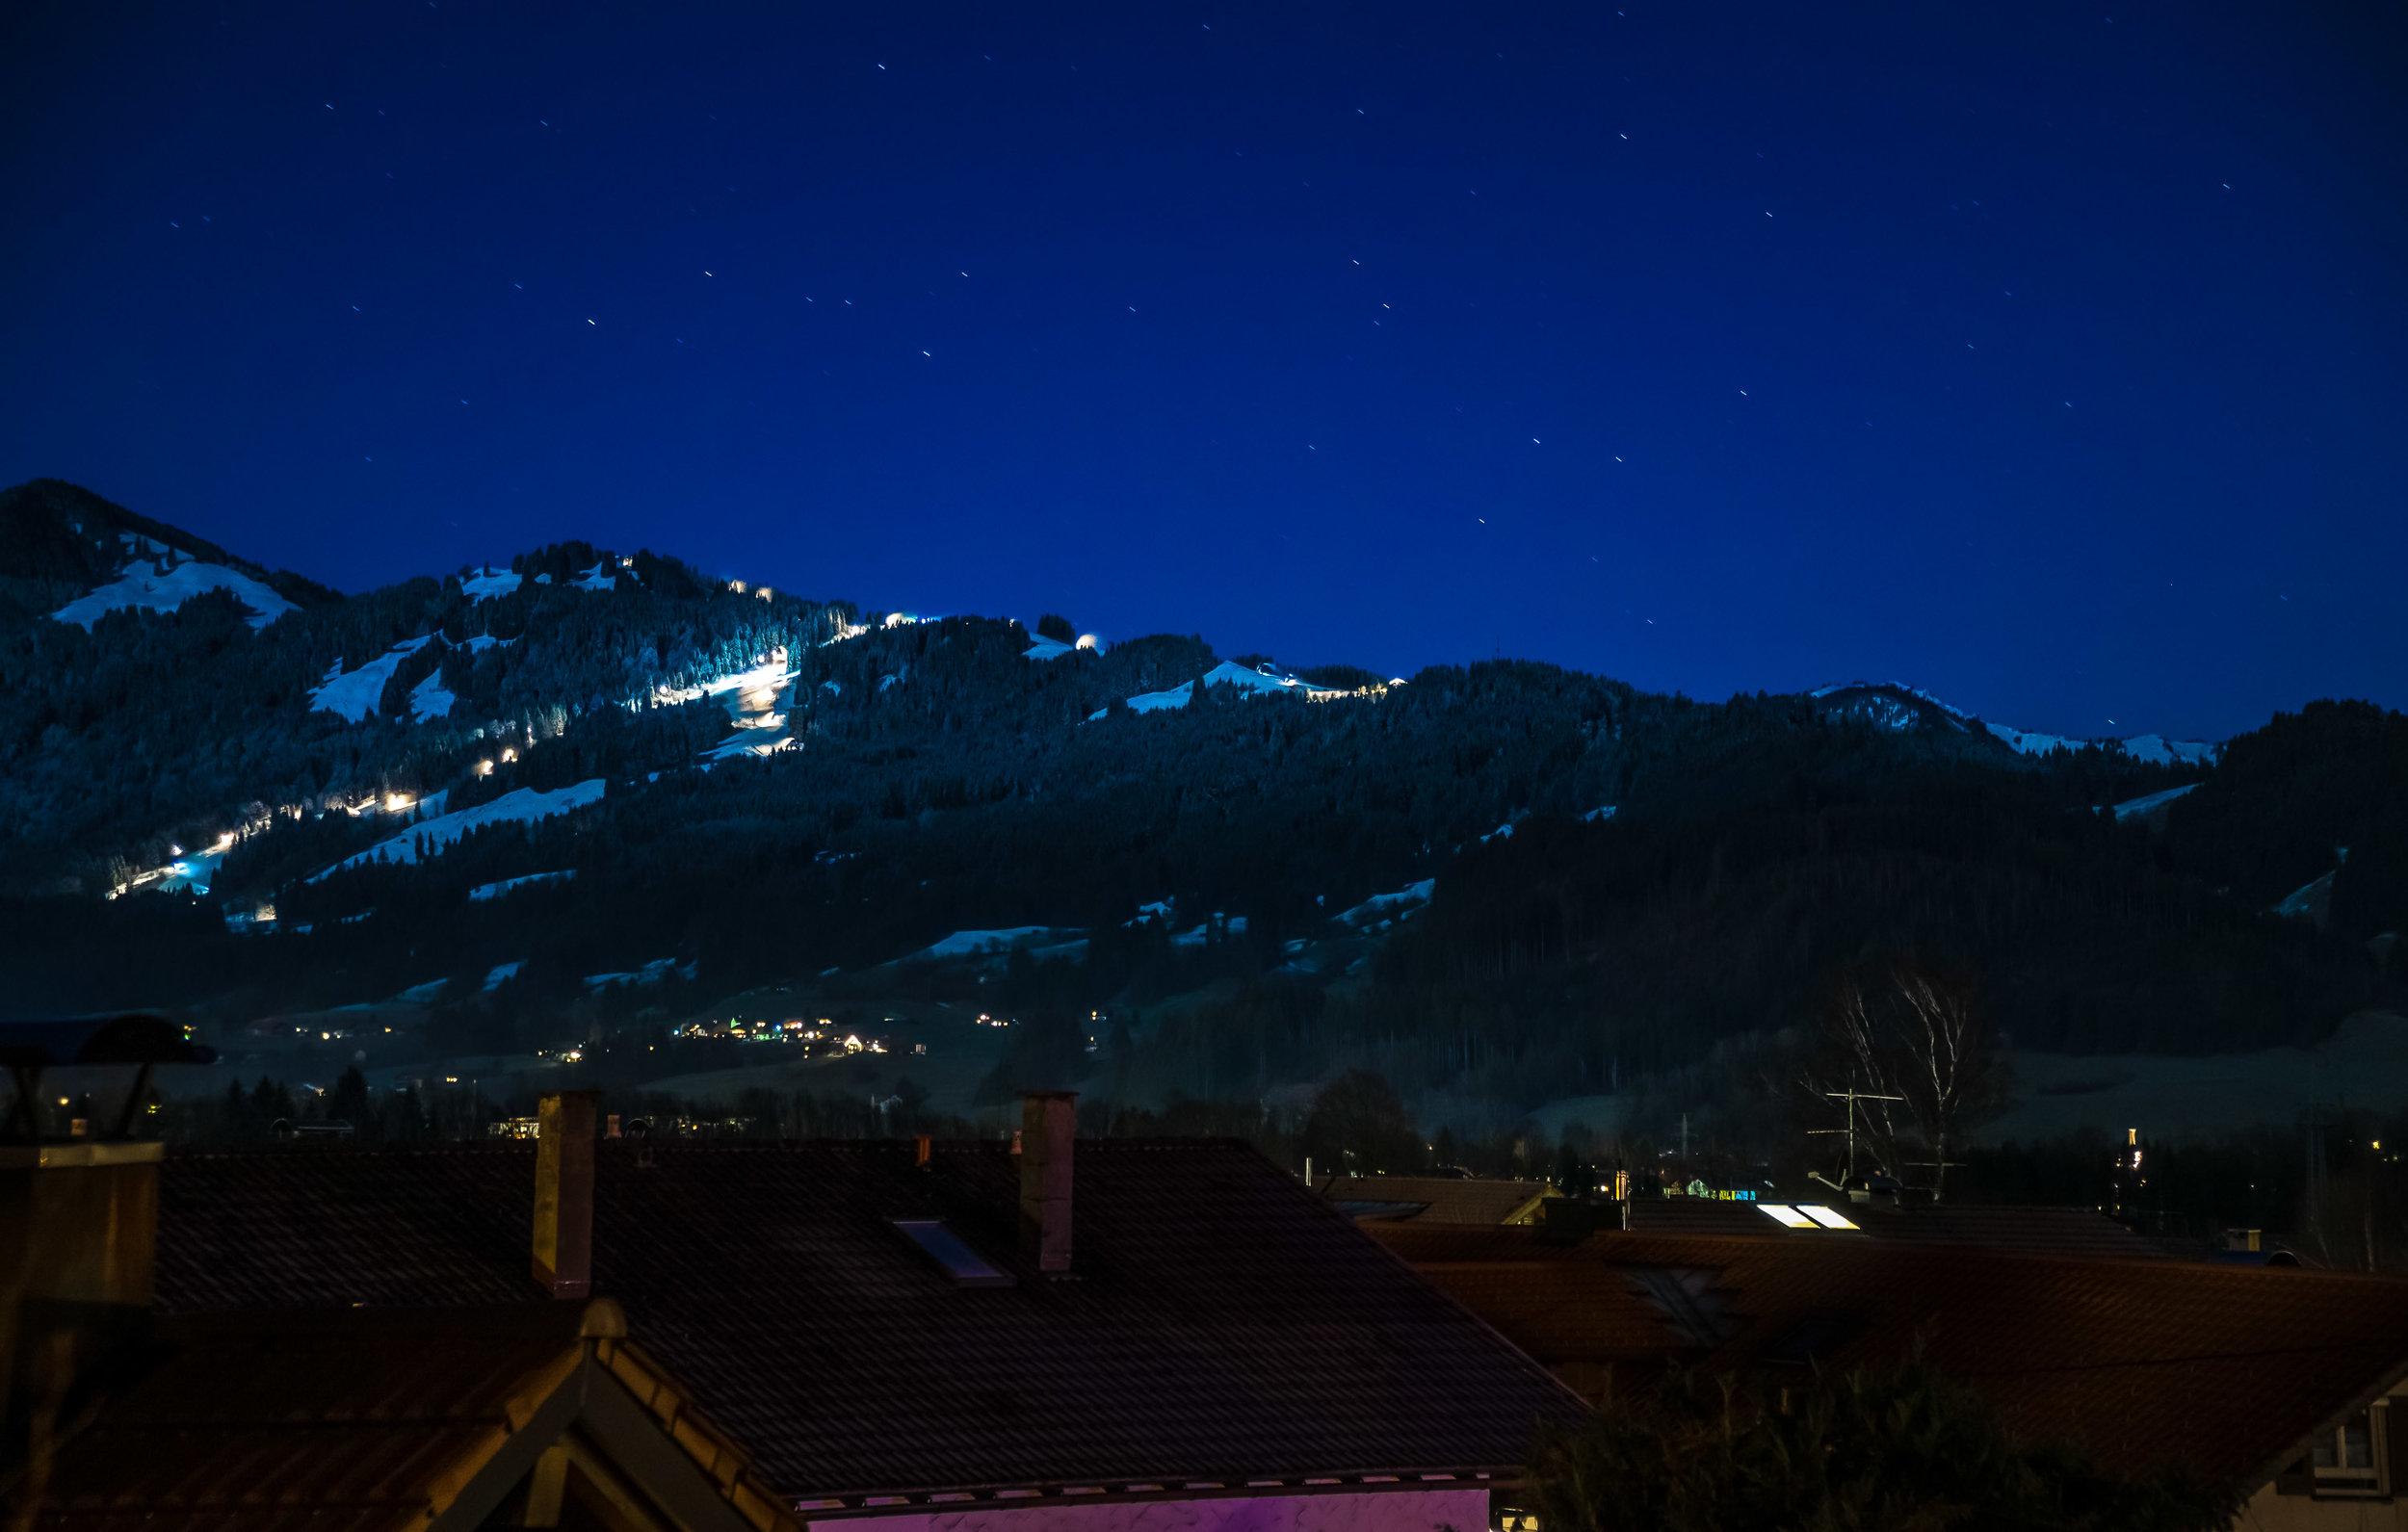 snowy_night.jpg